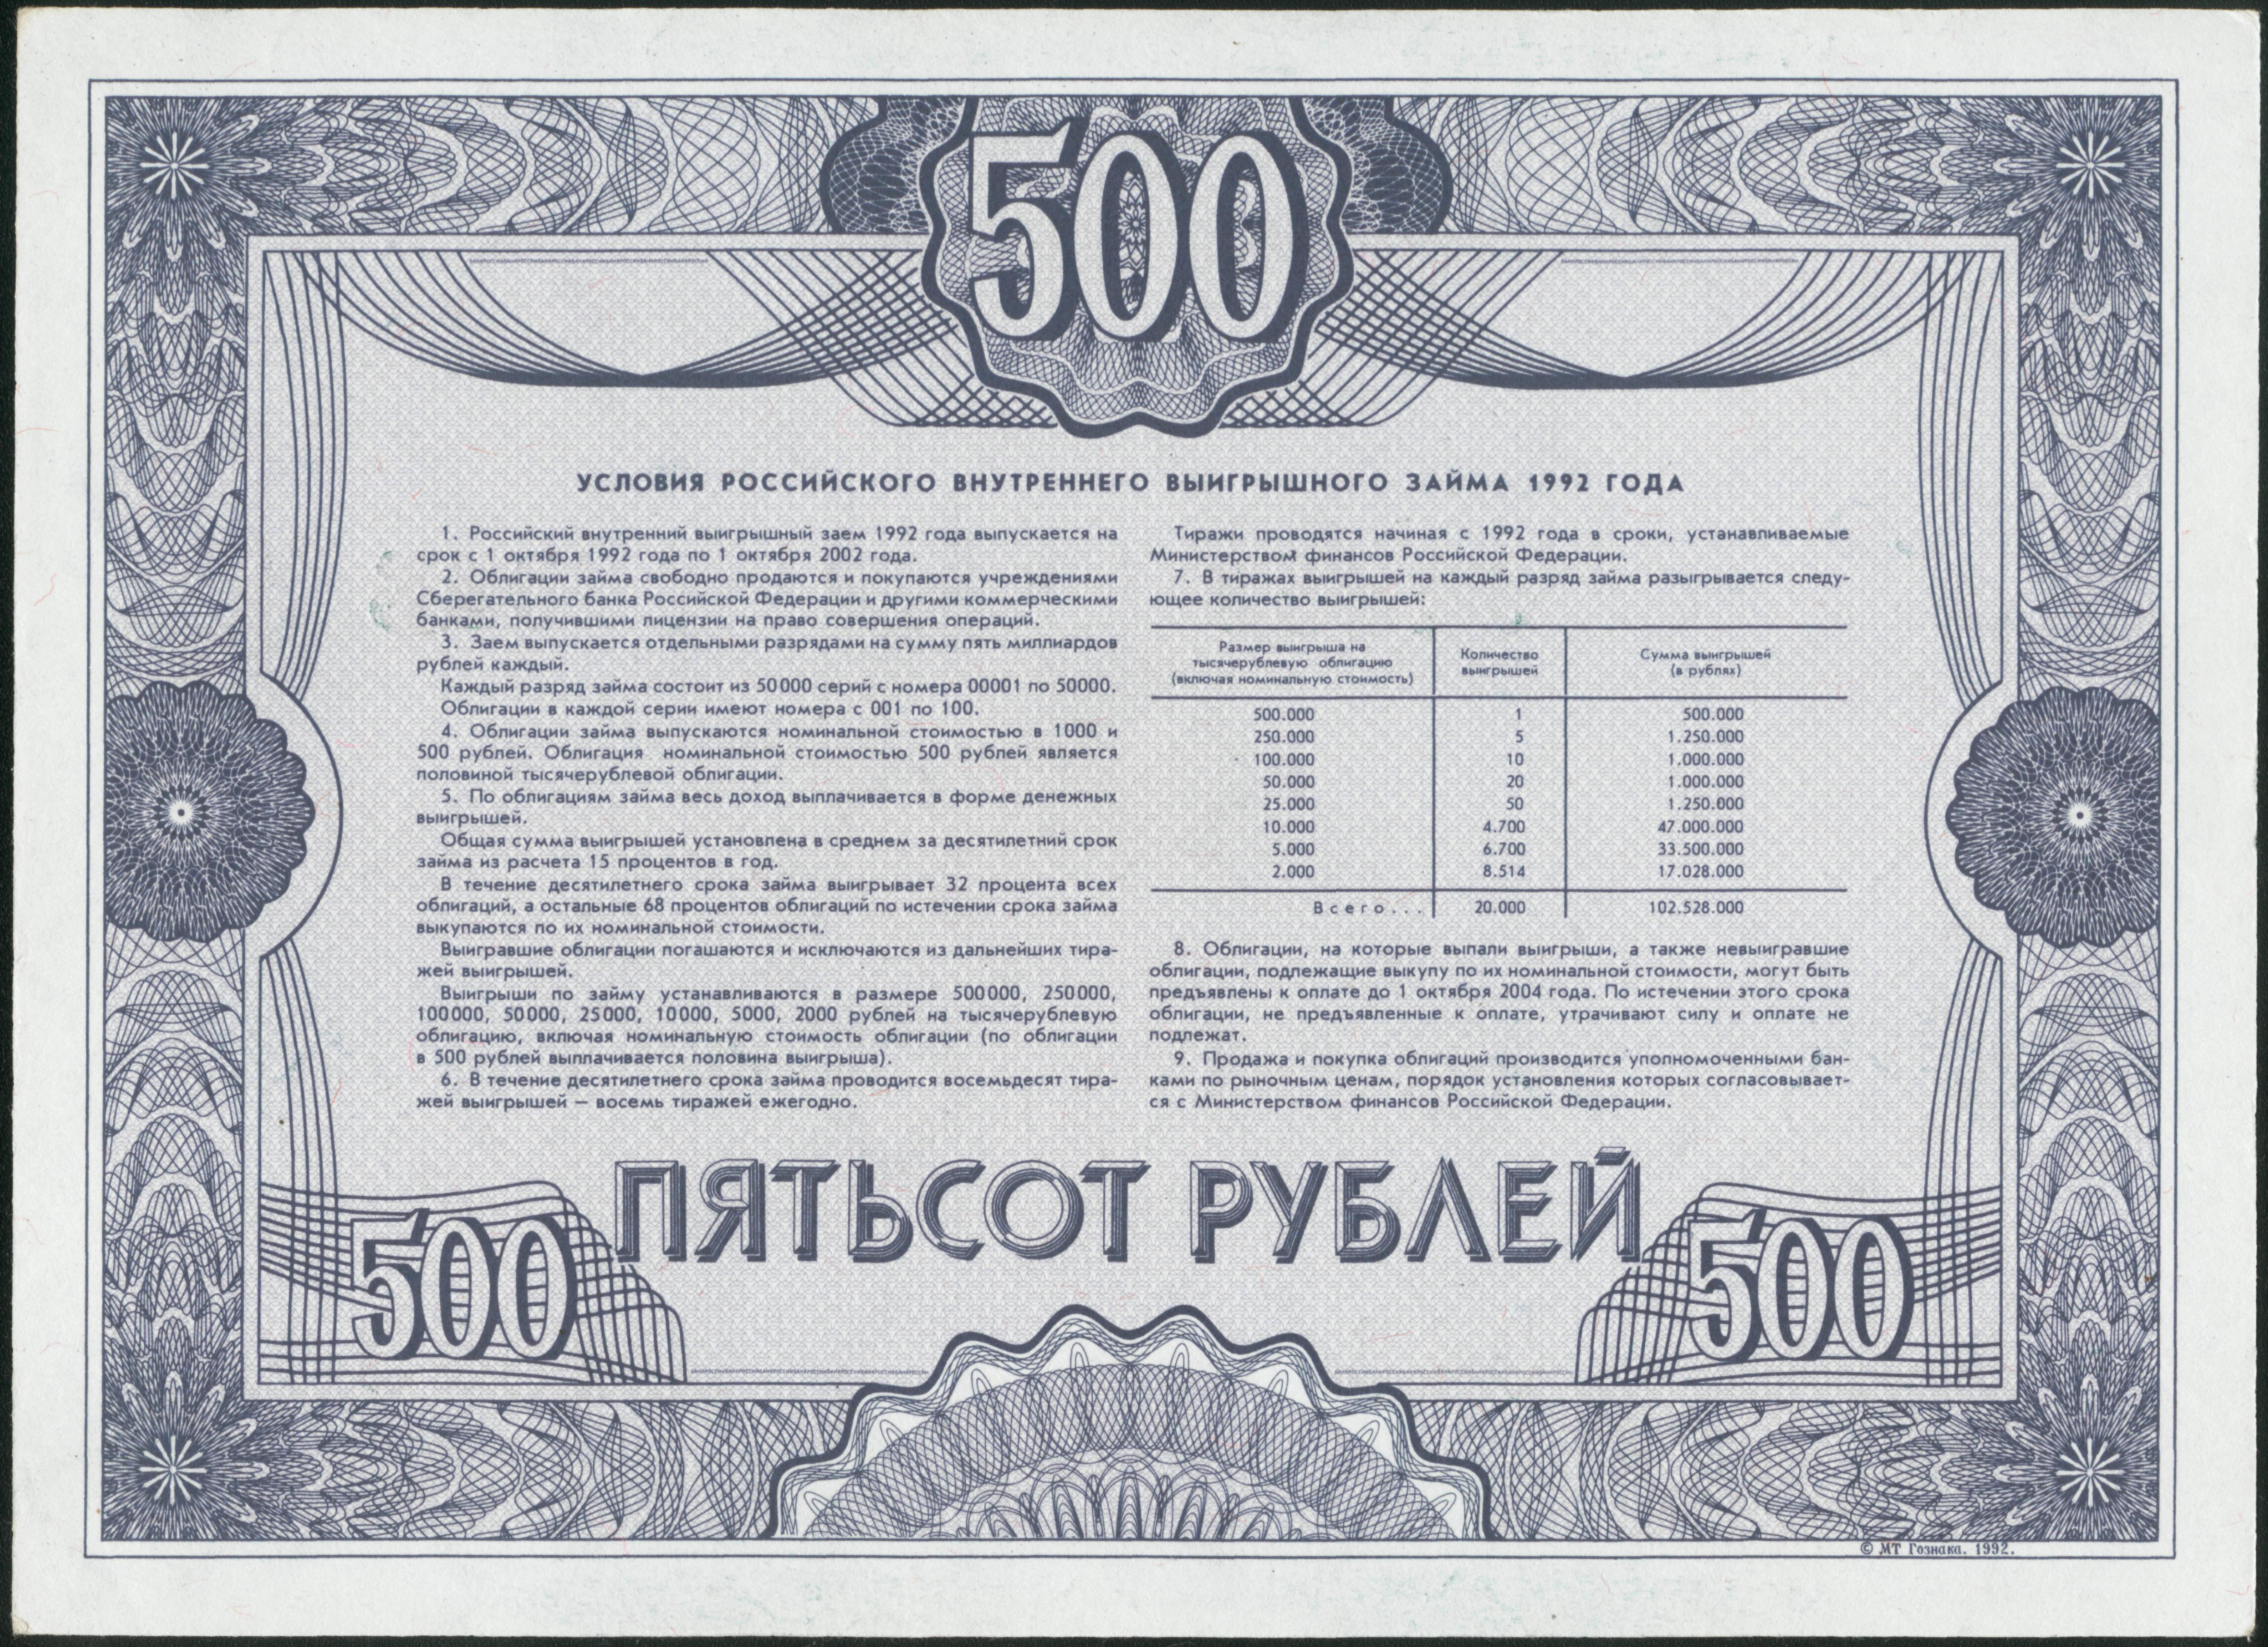 Военные займы вес монеты 5 рублей 2014 года